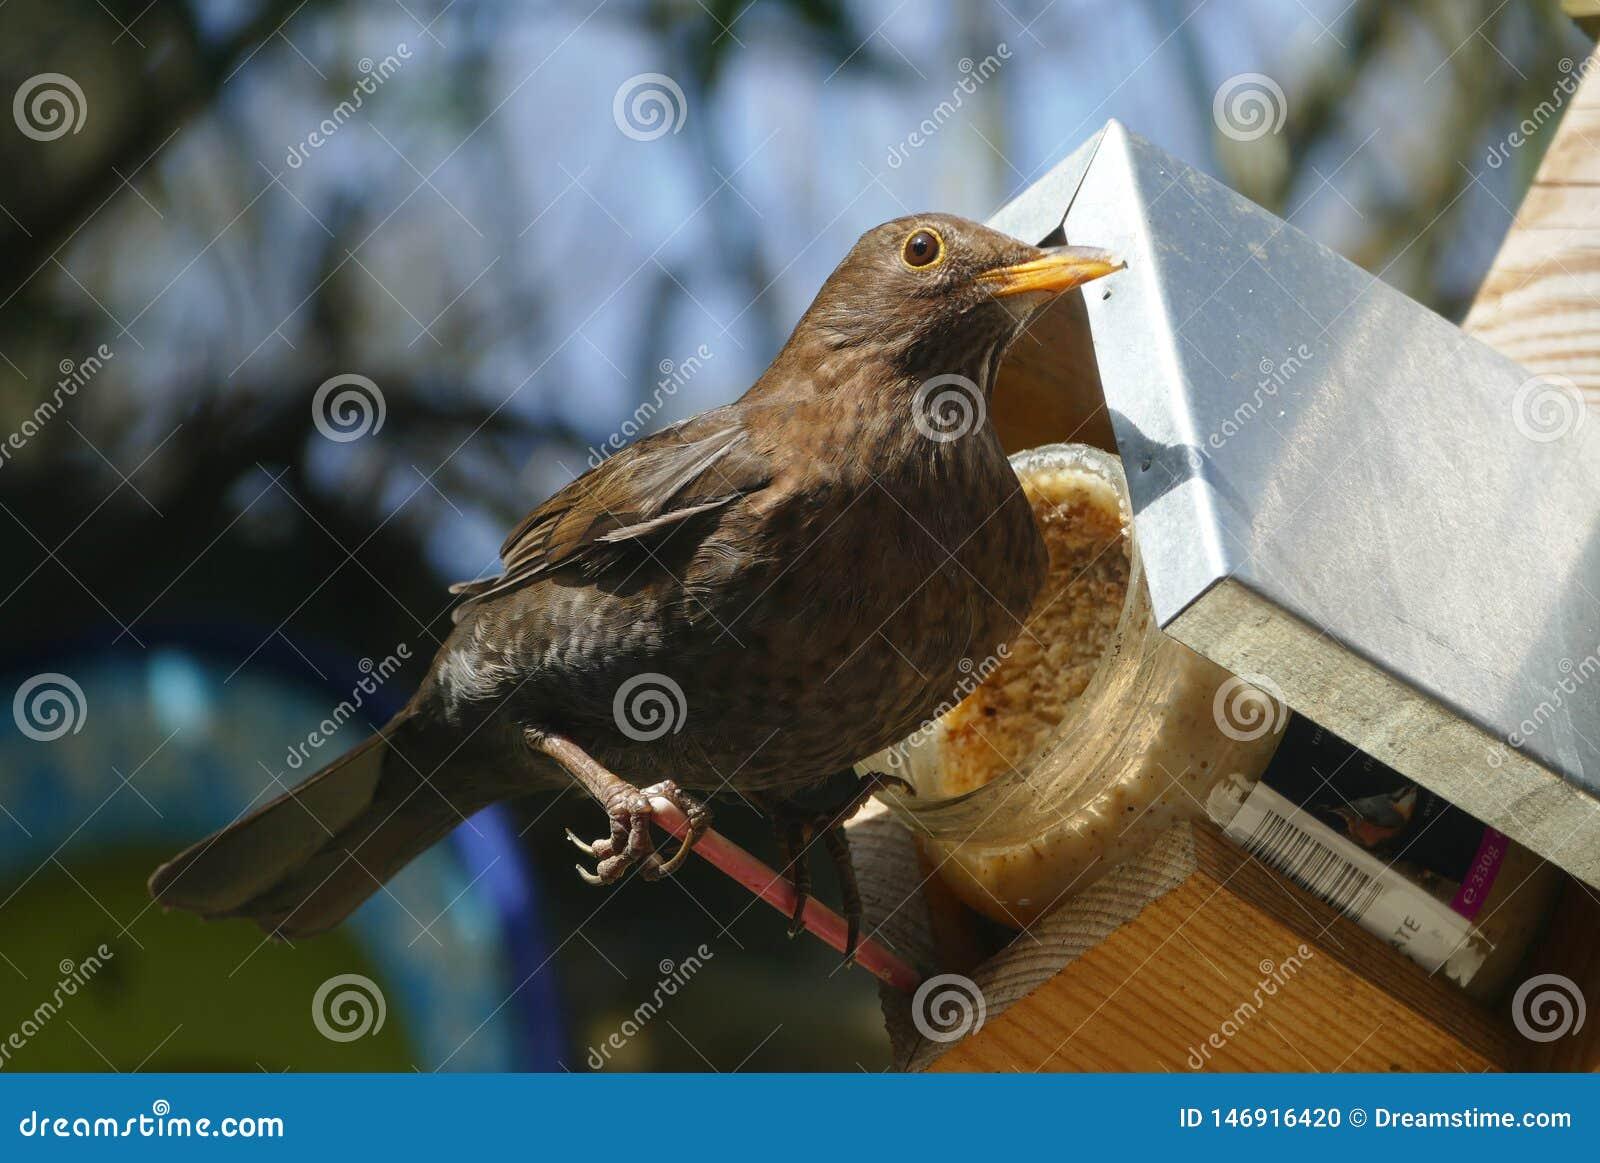 El pájaro se sienta cerca de su hogar en día de verano